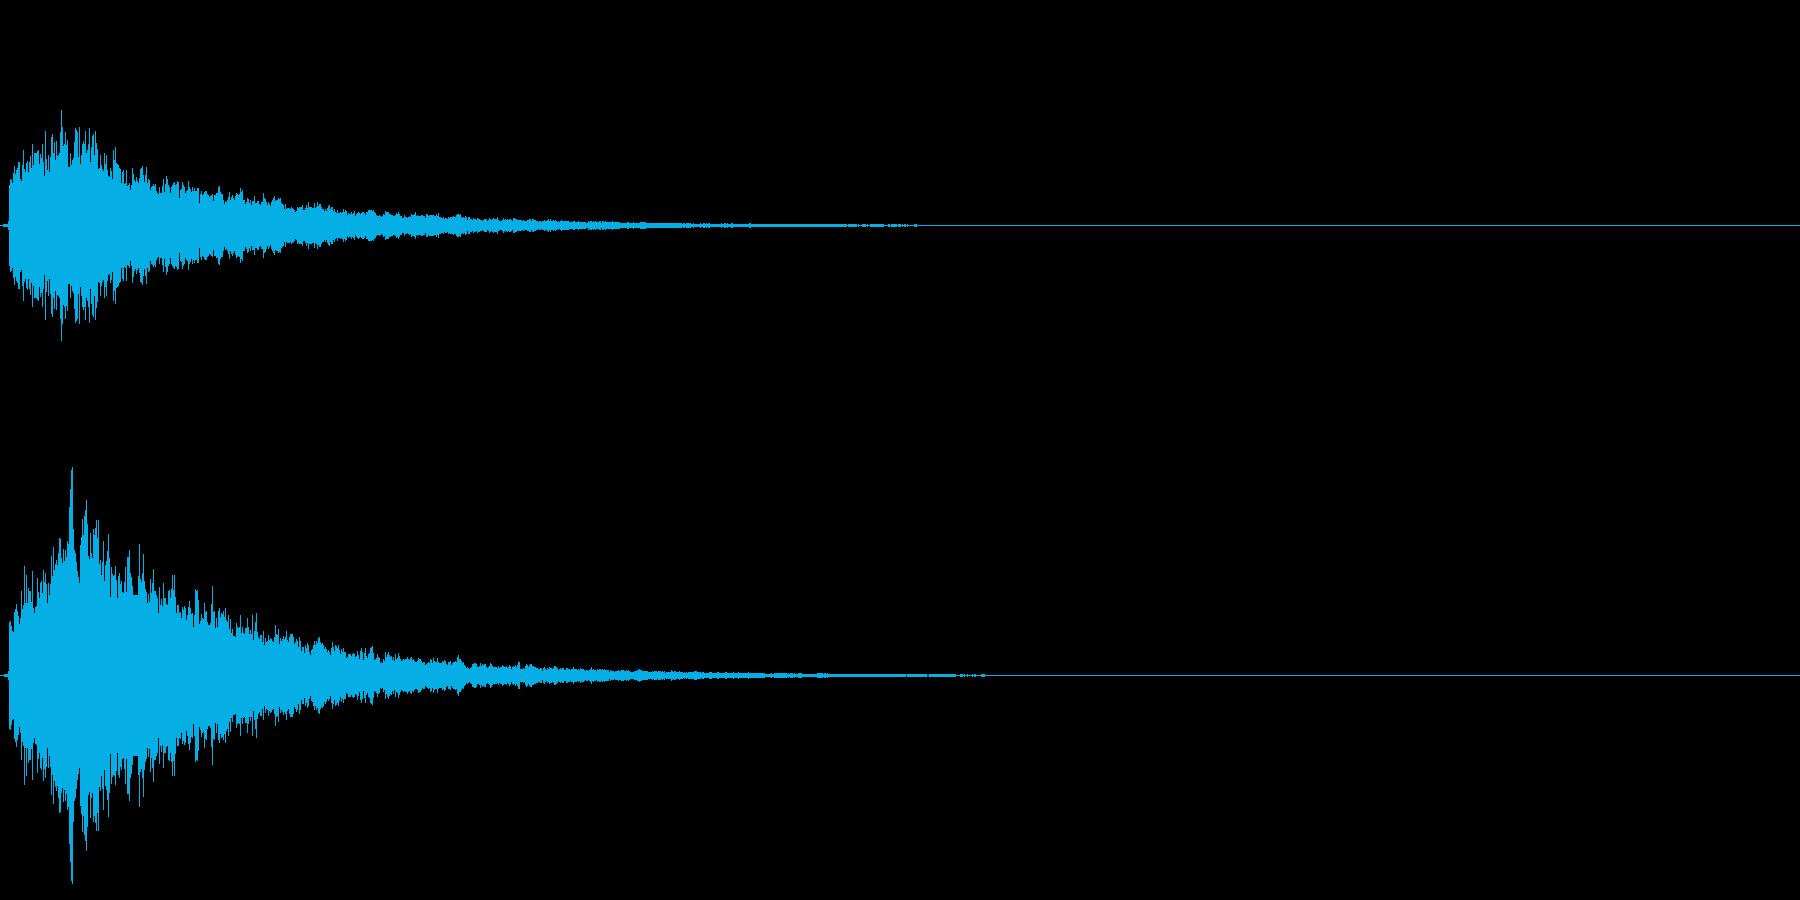 キラーン(決定音やテロップに)の再生済みの波形